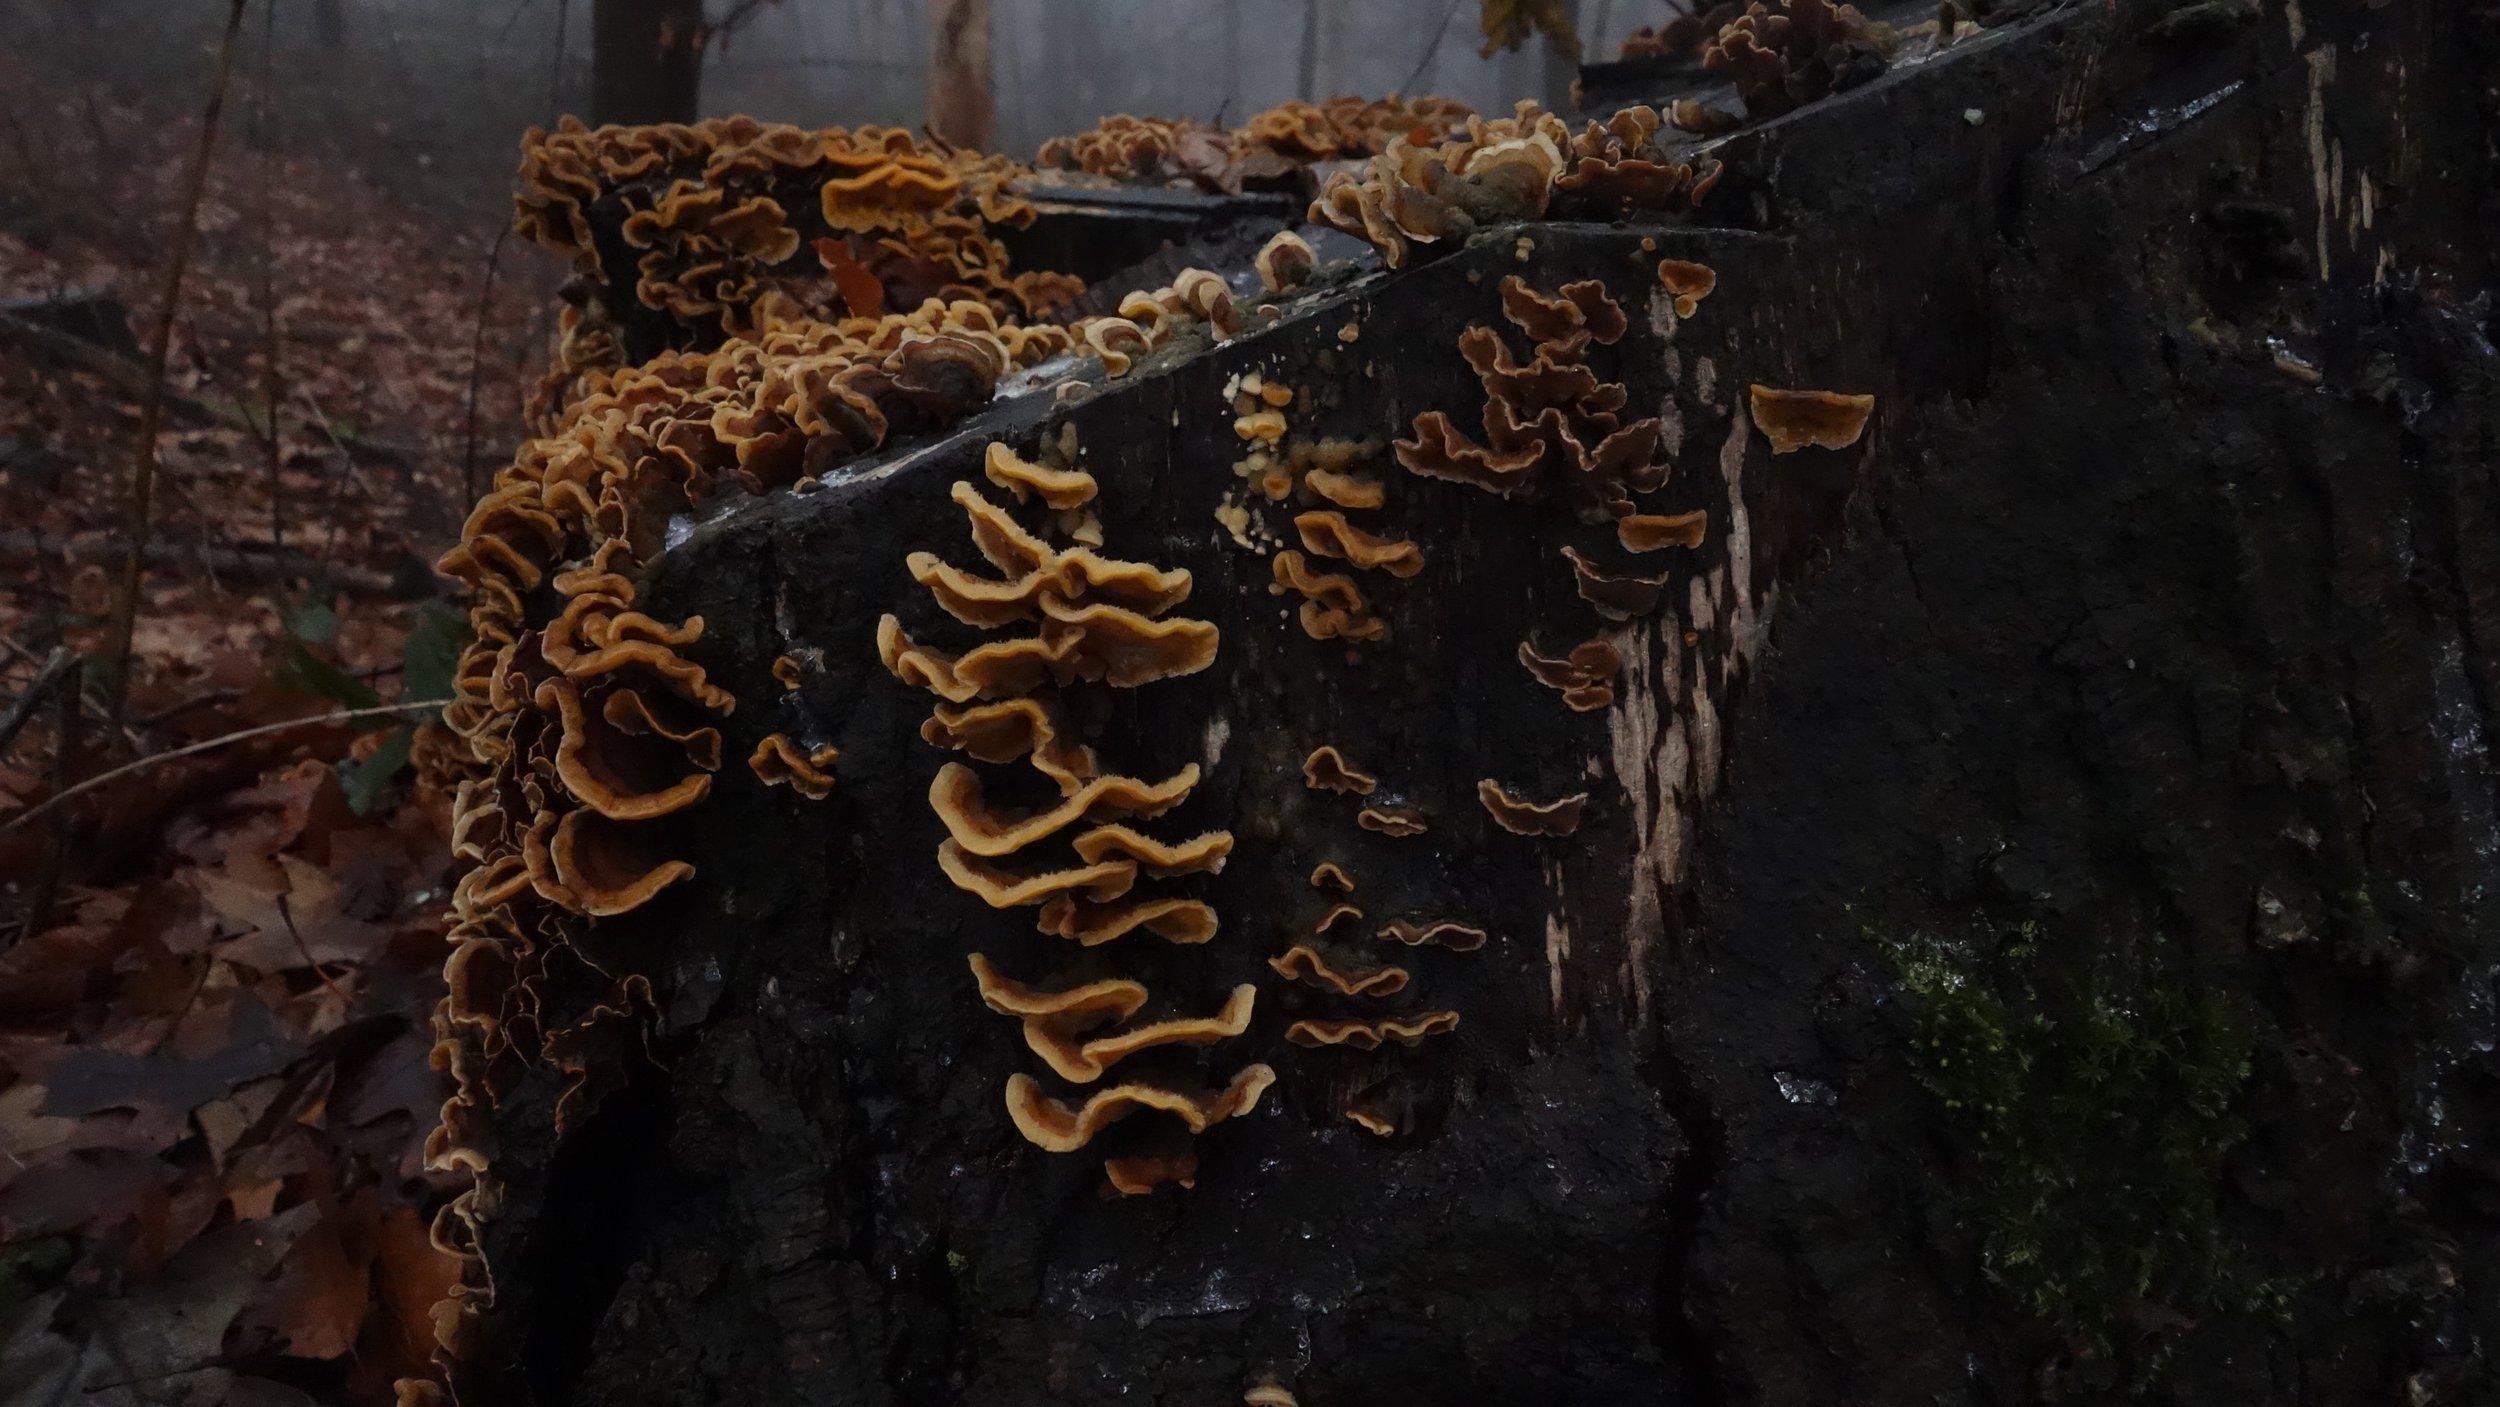 fungi2_600.jpg